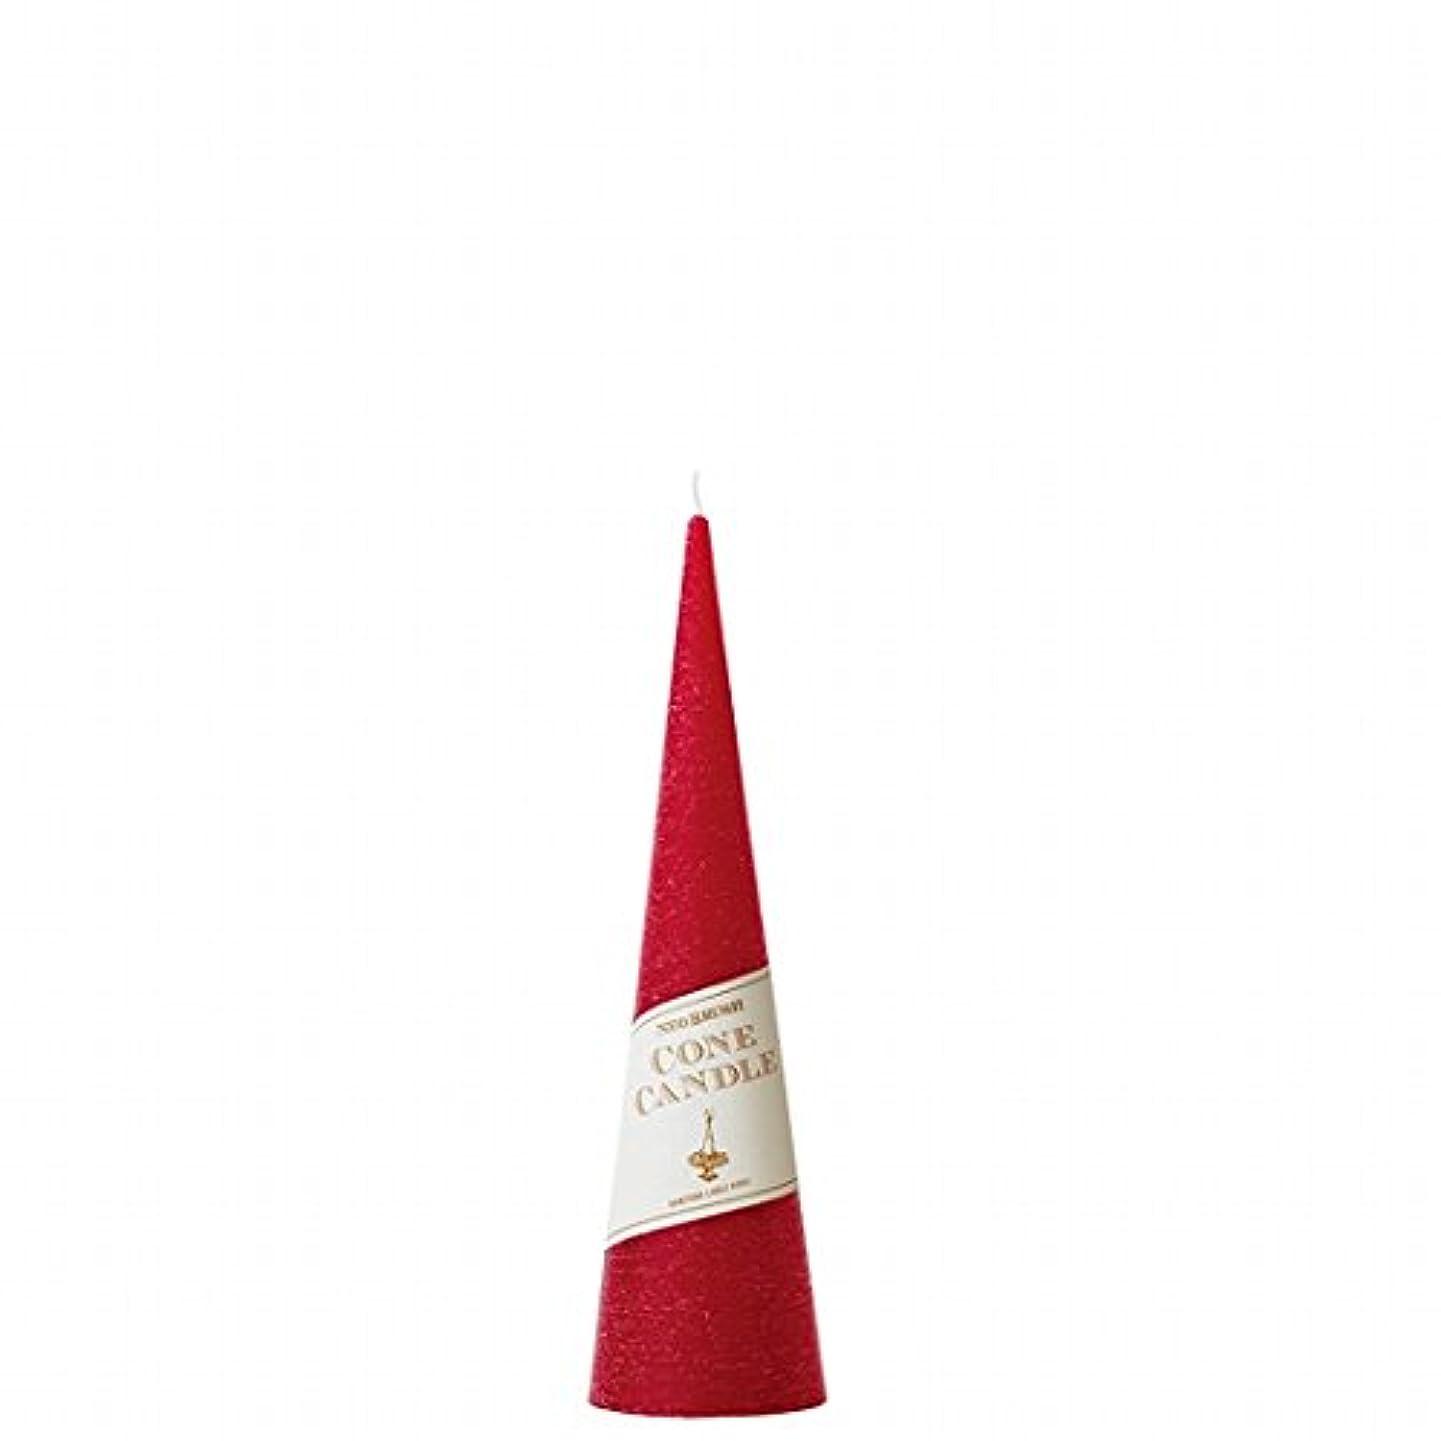 困った姓傾斜カメヤマキャンドル(kameyama candle) ネオブラッシュコーン 180 キャンドル 「 レッド 」